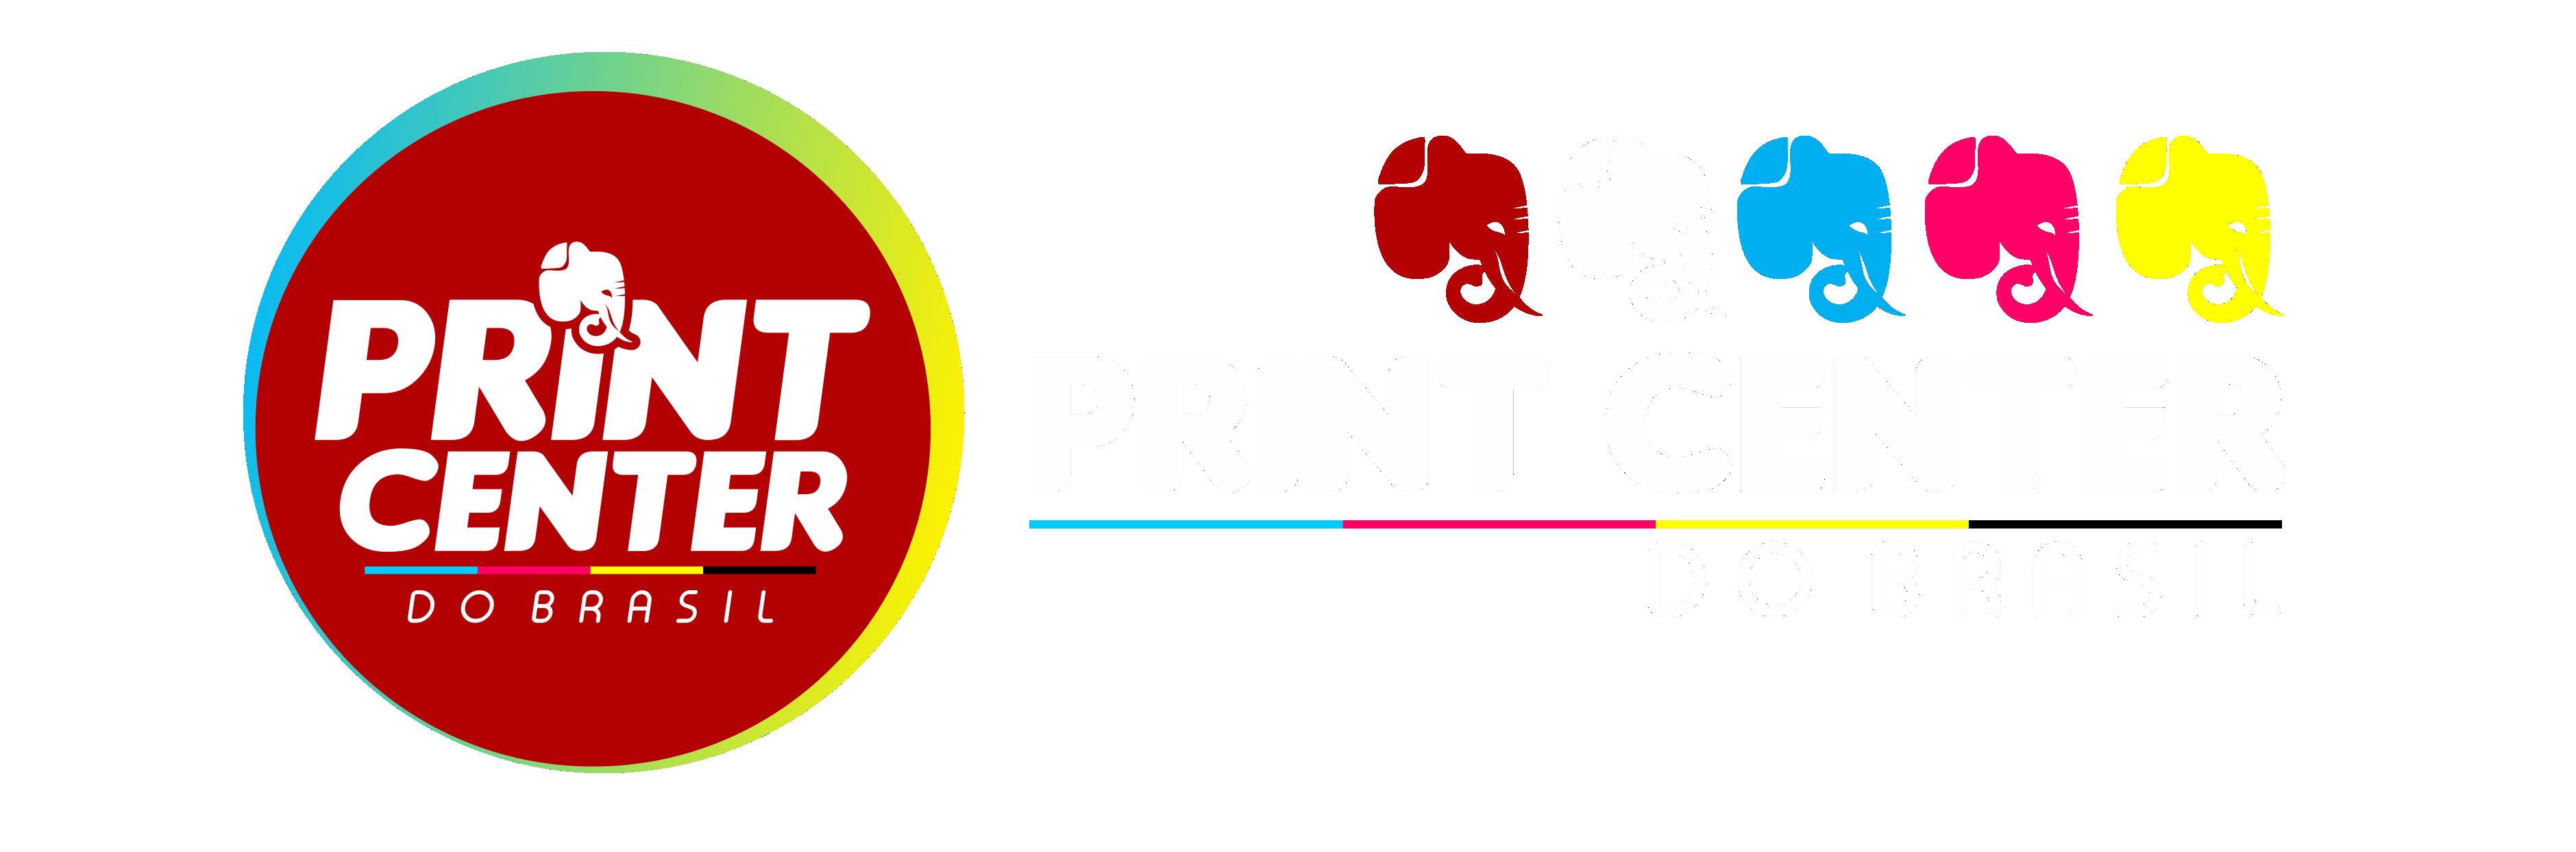 Print Center do Brasil